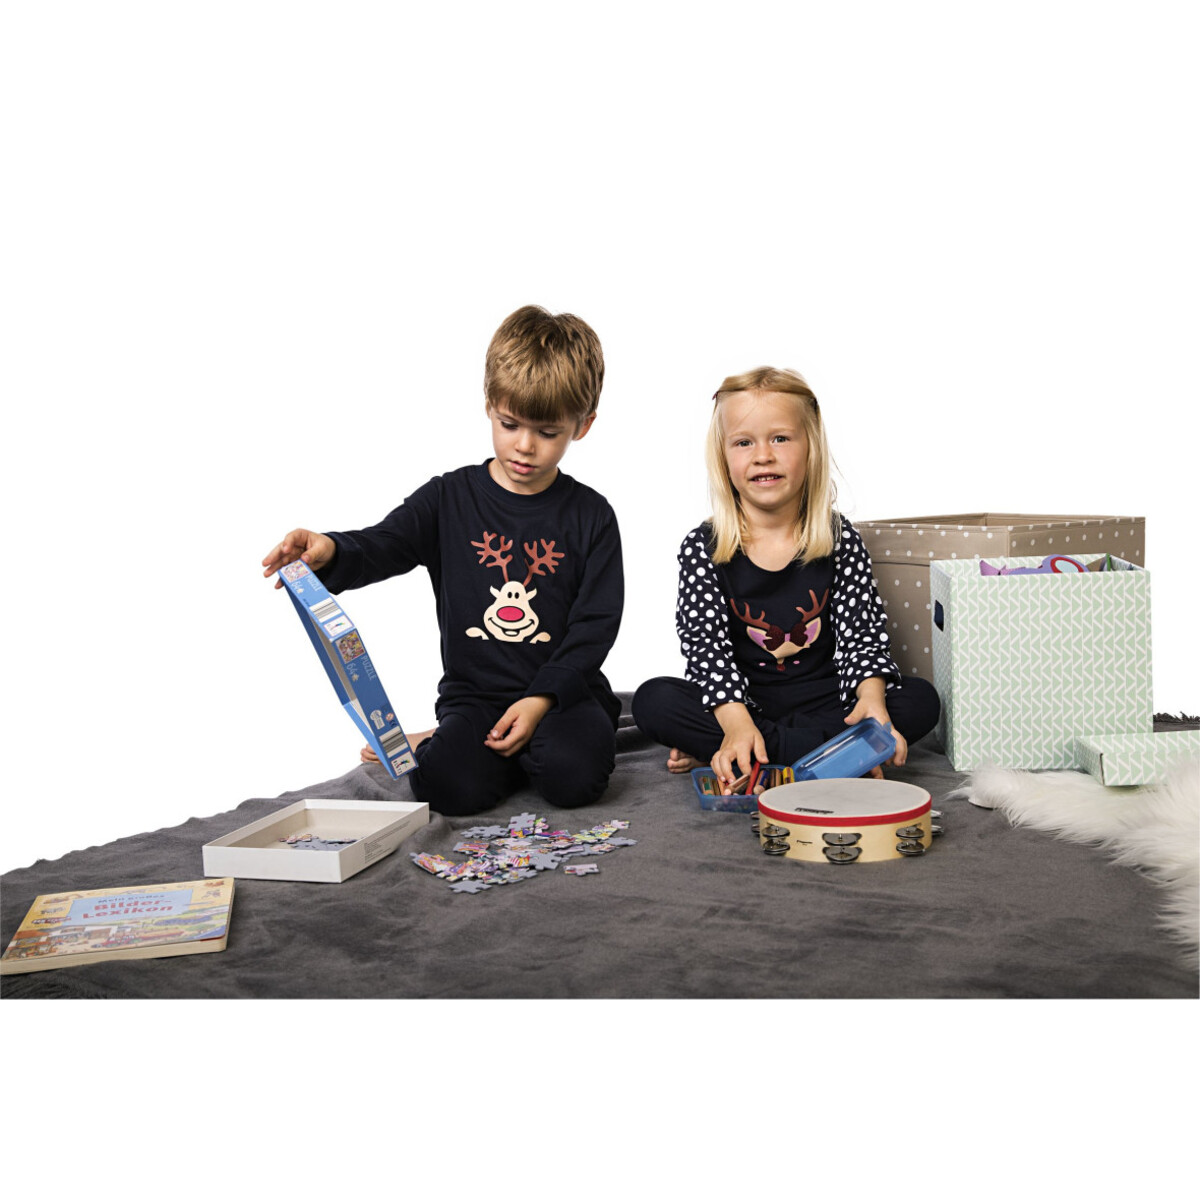 Bild 4 von Jungen Pyjama Set mit Elchgesicht